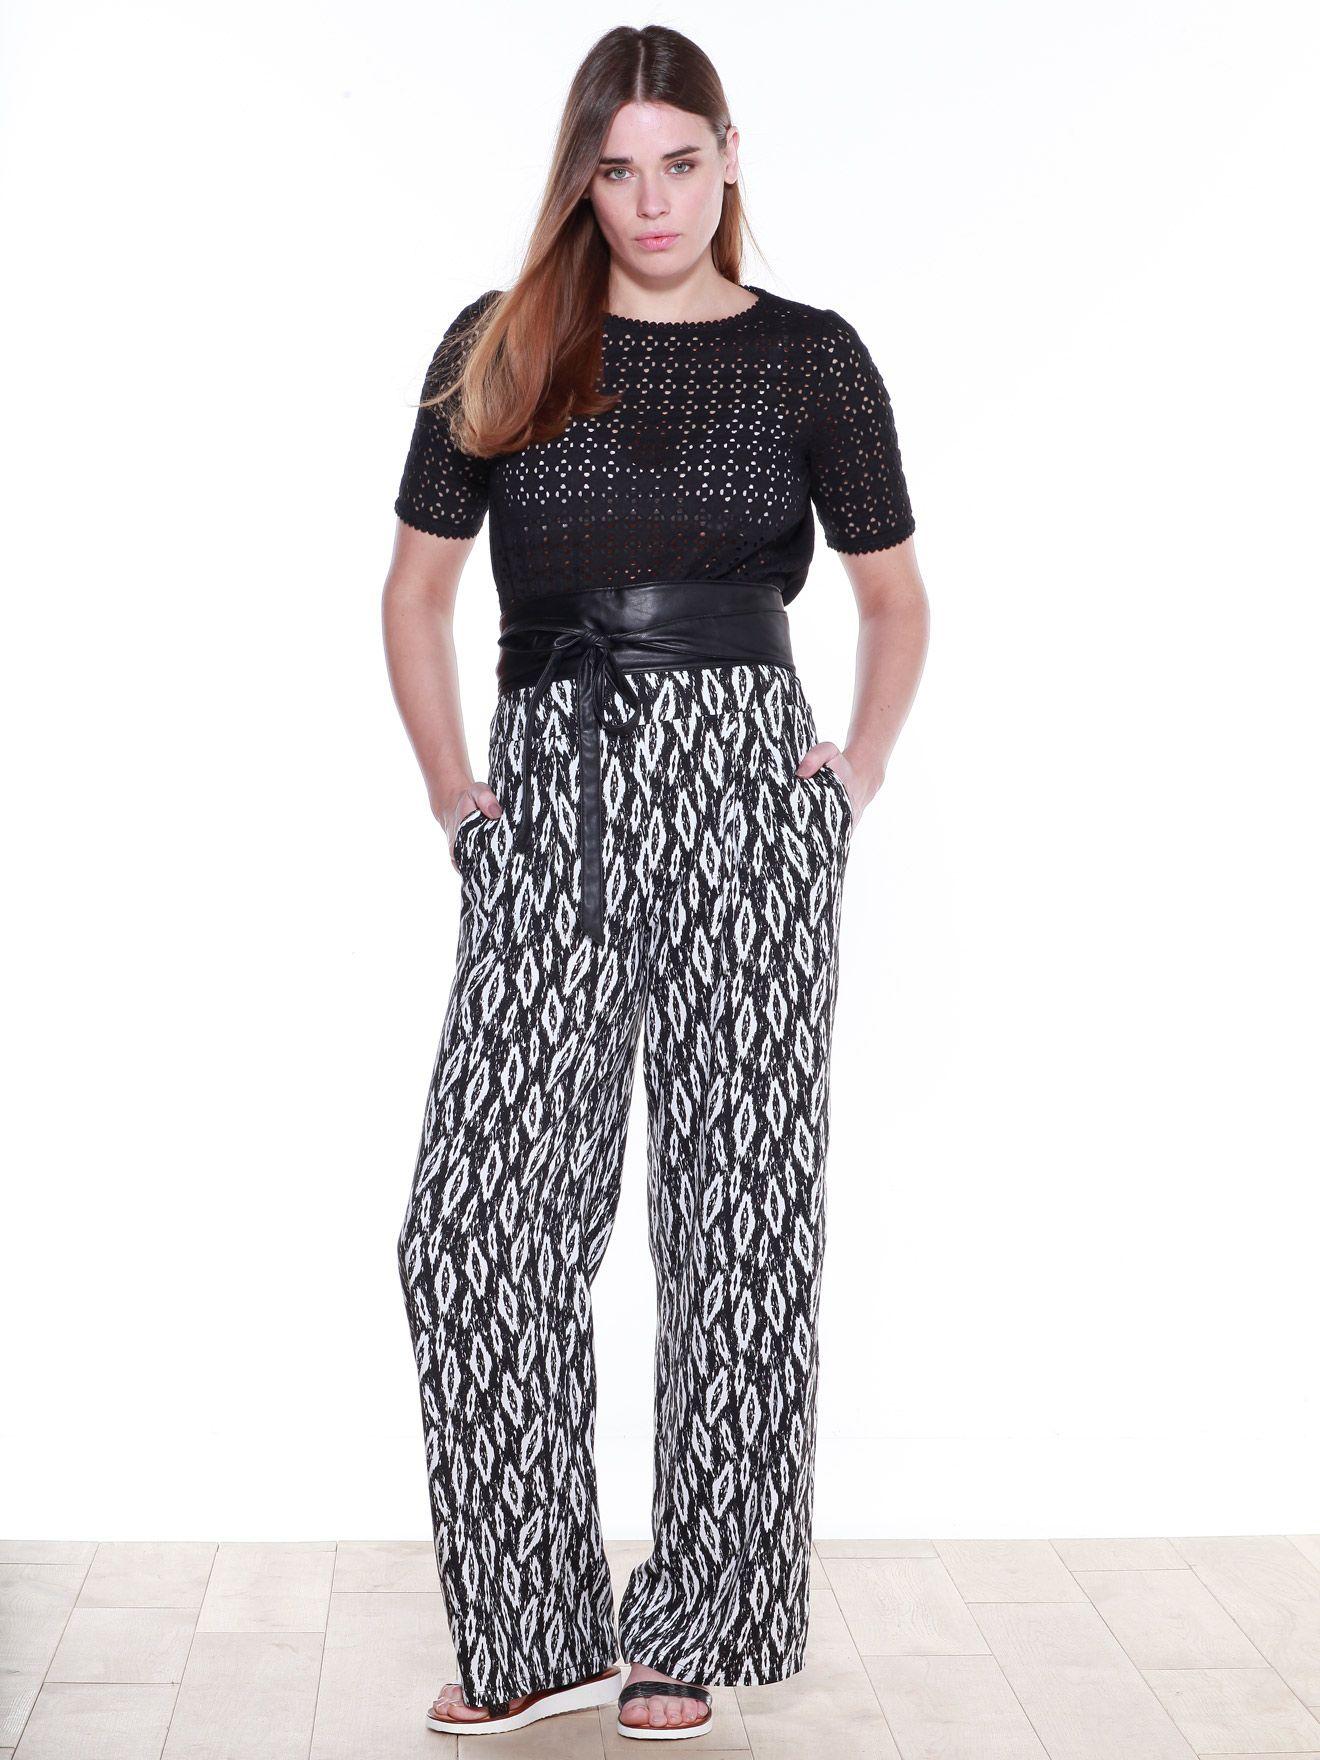 Look pantalon large et fluide. T-shirt brodé bi-matière, pantalon large et fluide, sandales plates en cuir, ceinture double tour à nouer. Collection Printemps/Eté 2016. BALSAMIK.